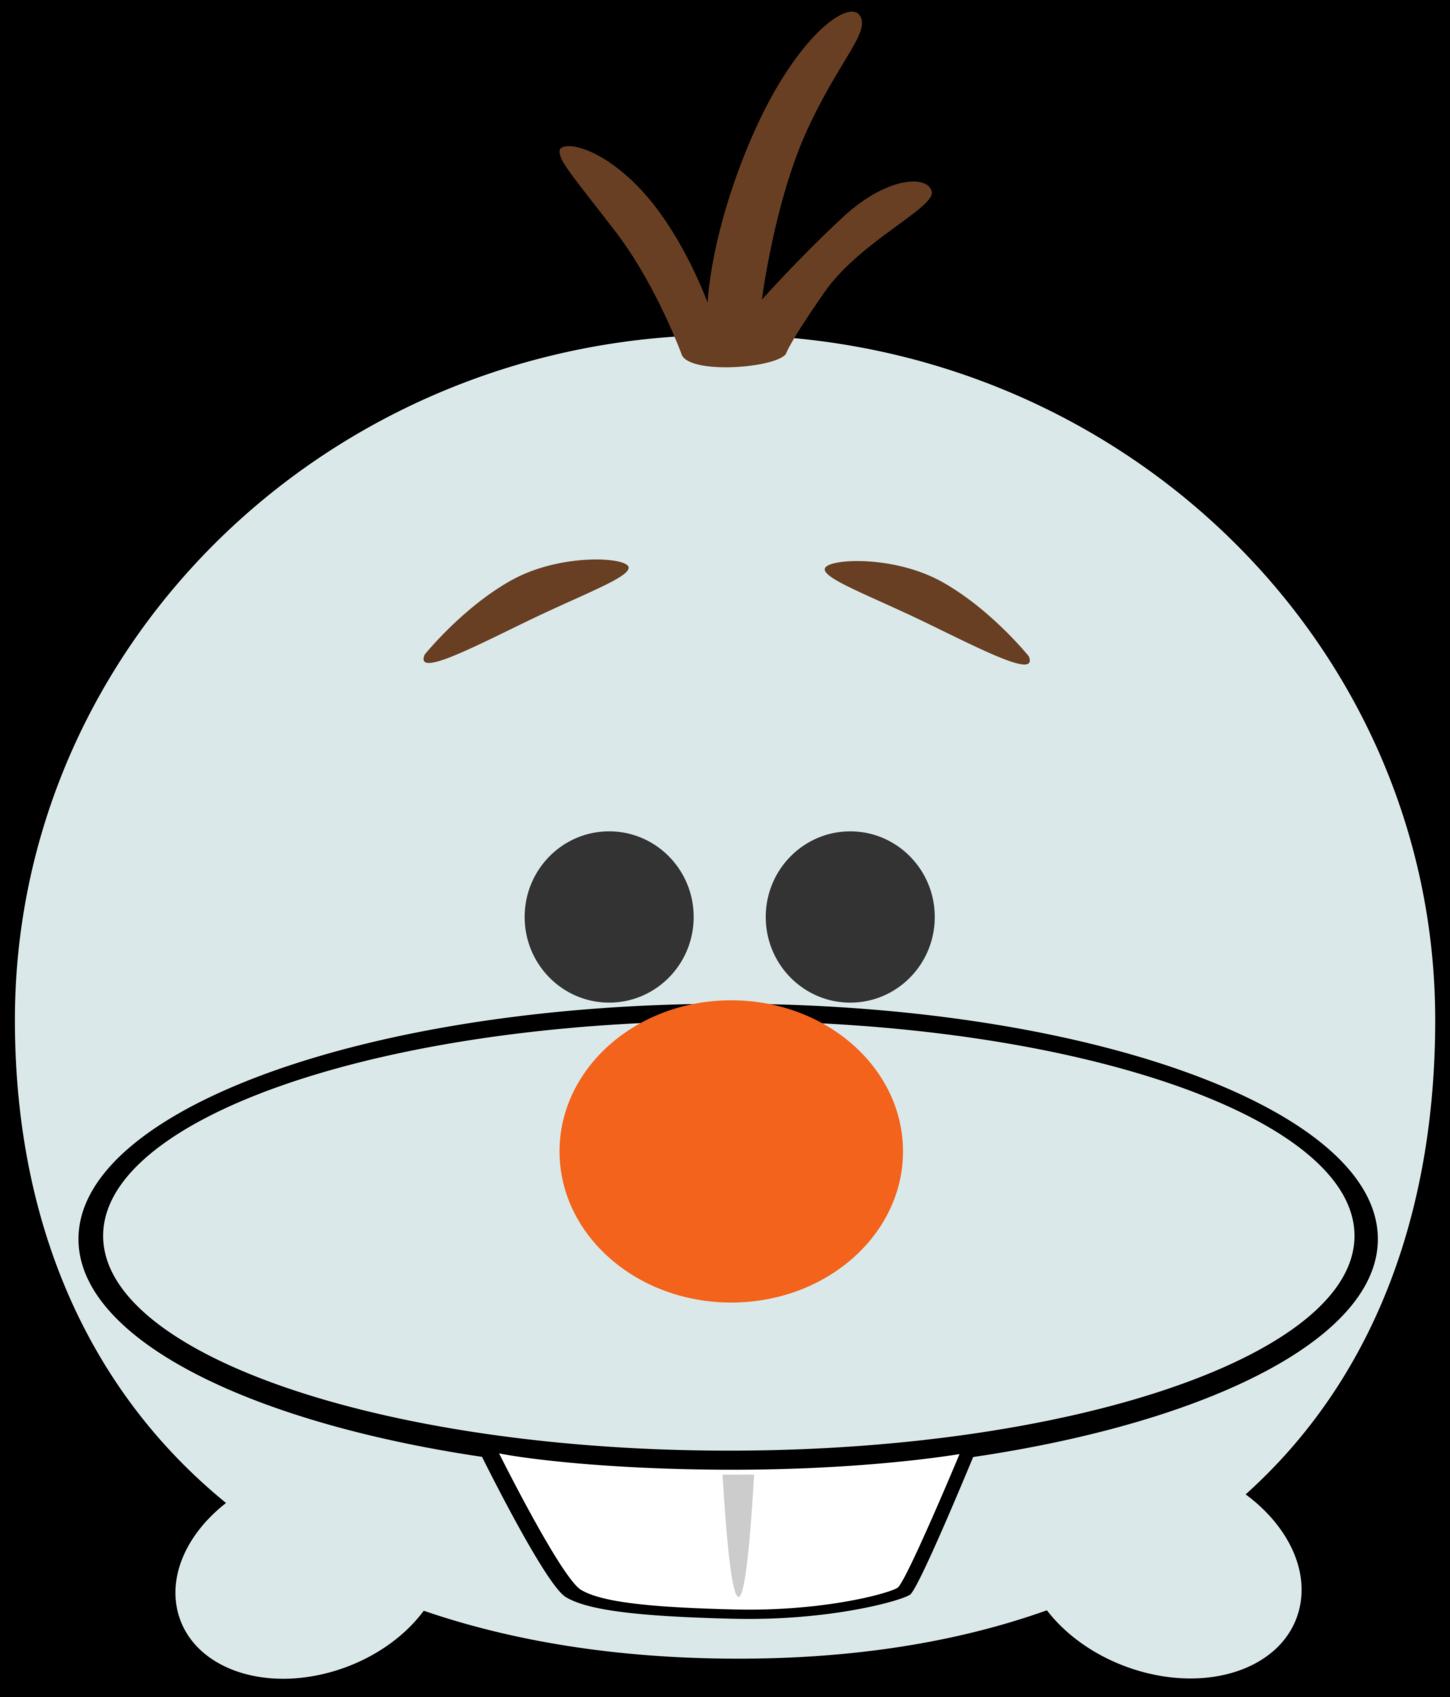 Disney tsum frozen . Olaf clipart face